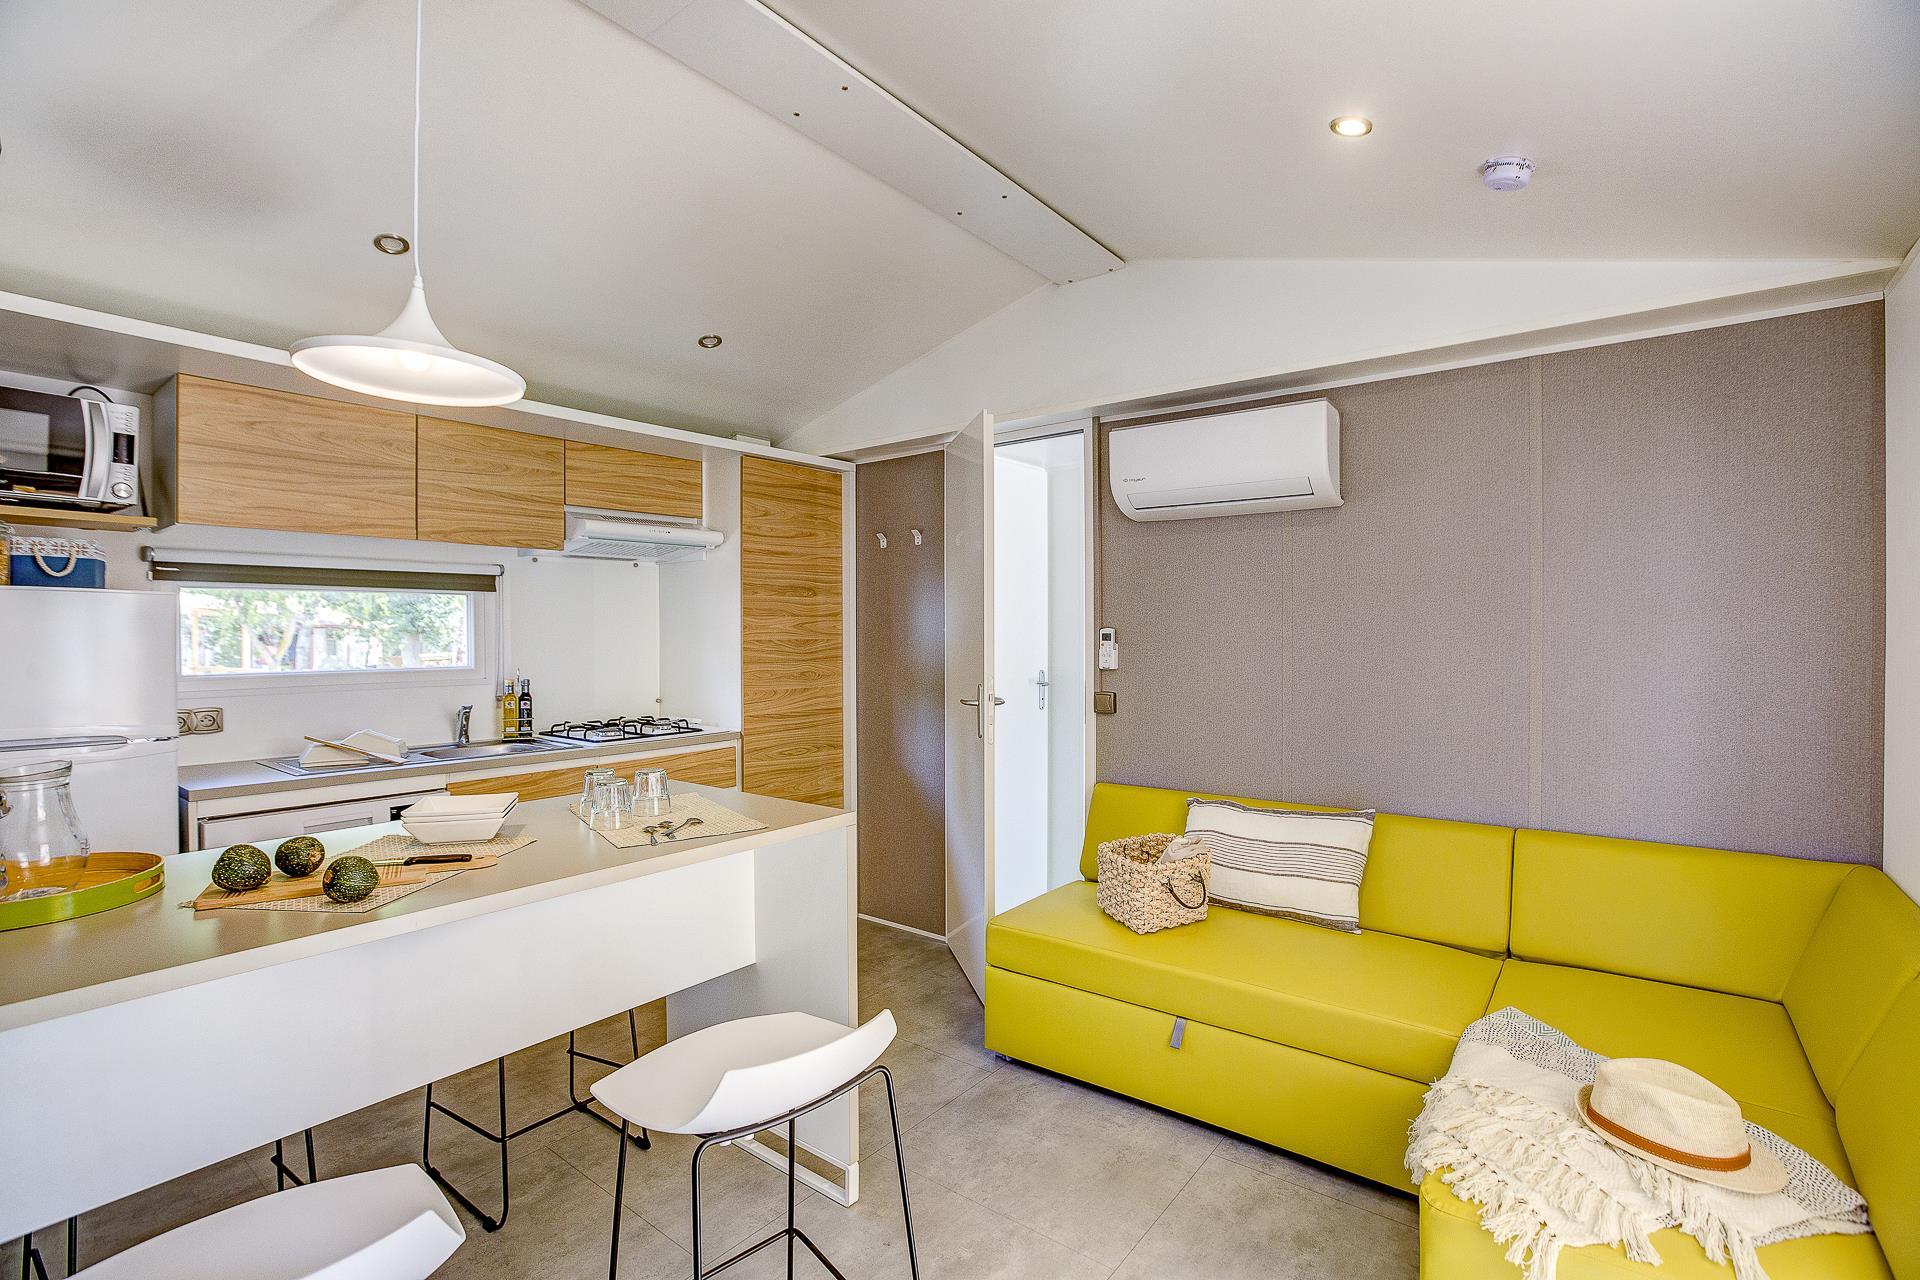 Location - Cottage Beach Garden 2 Chambres 2 Salles De Bain Climatisé Premium - Camping Sandaya Blue Bayou